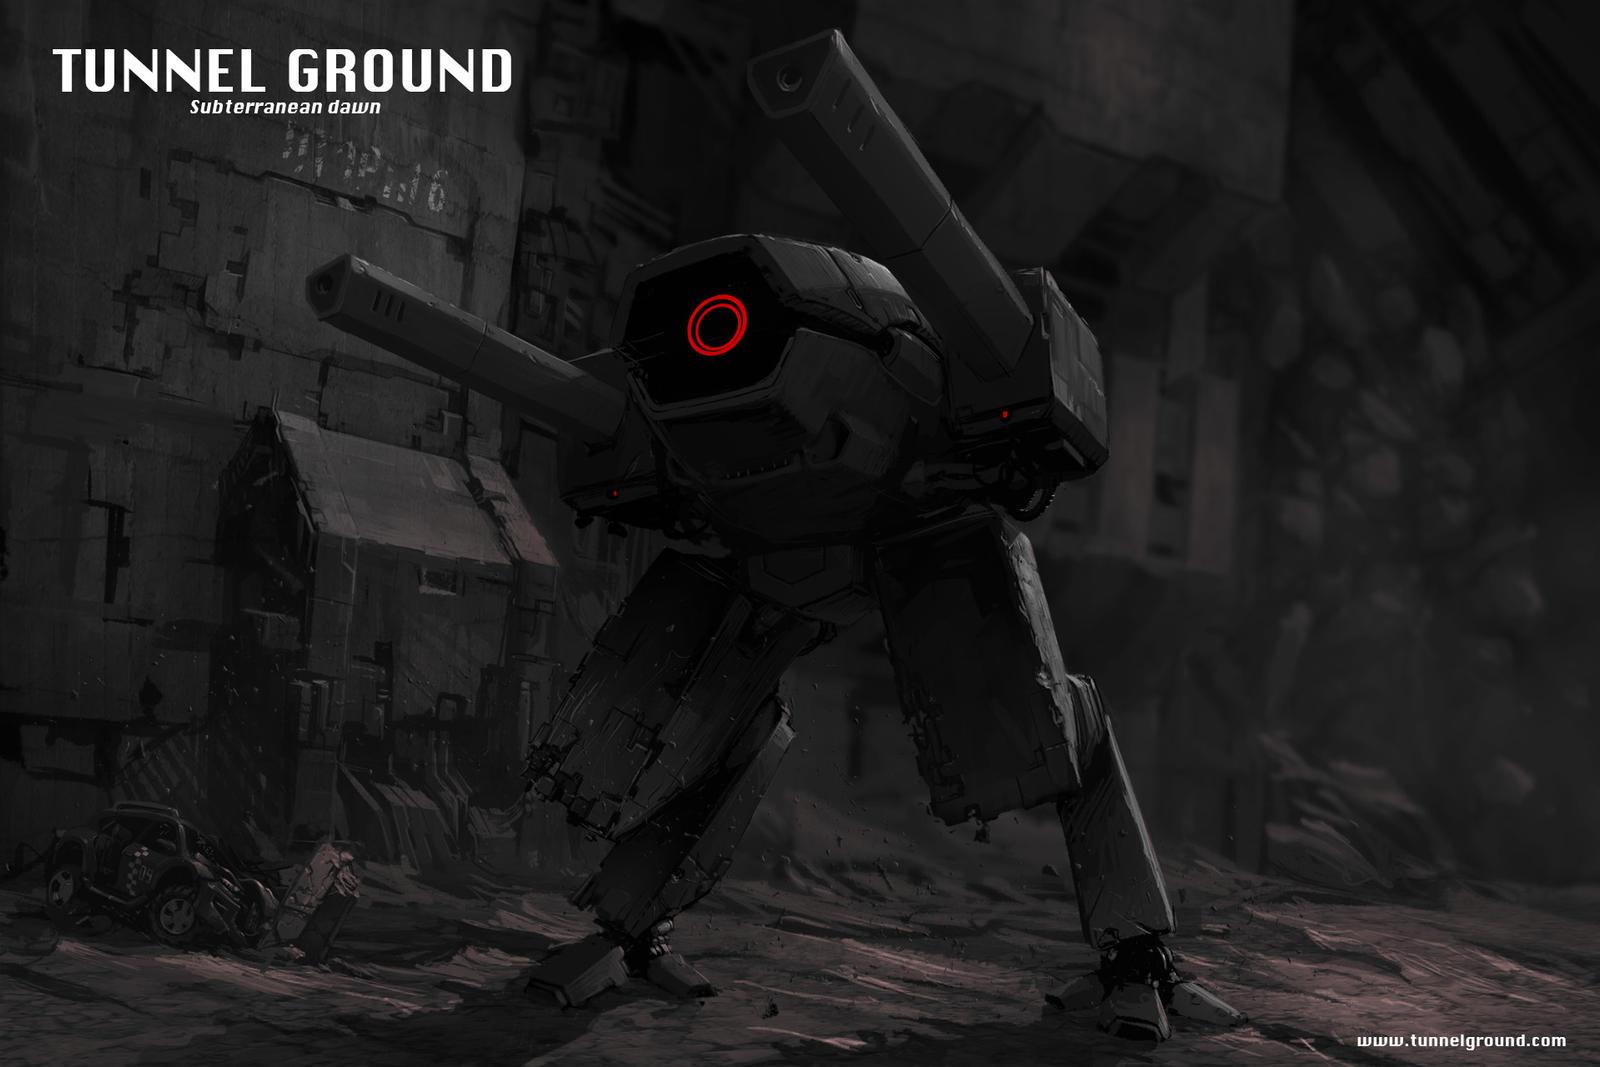 Tunnel Ground  Subterranean Dawn concept art by TunnelGround